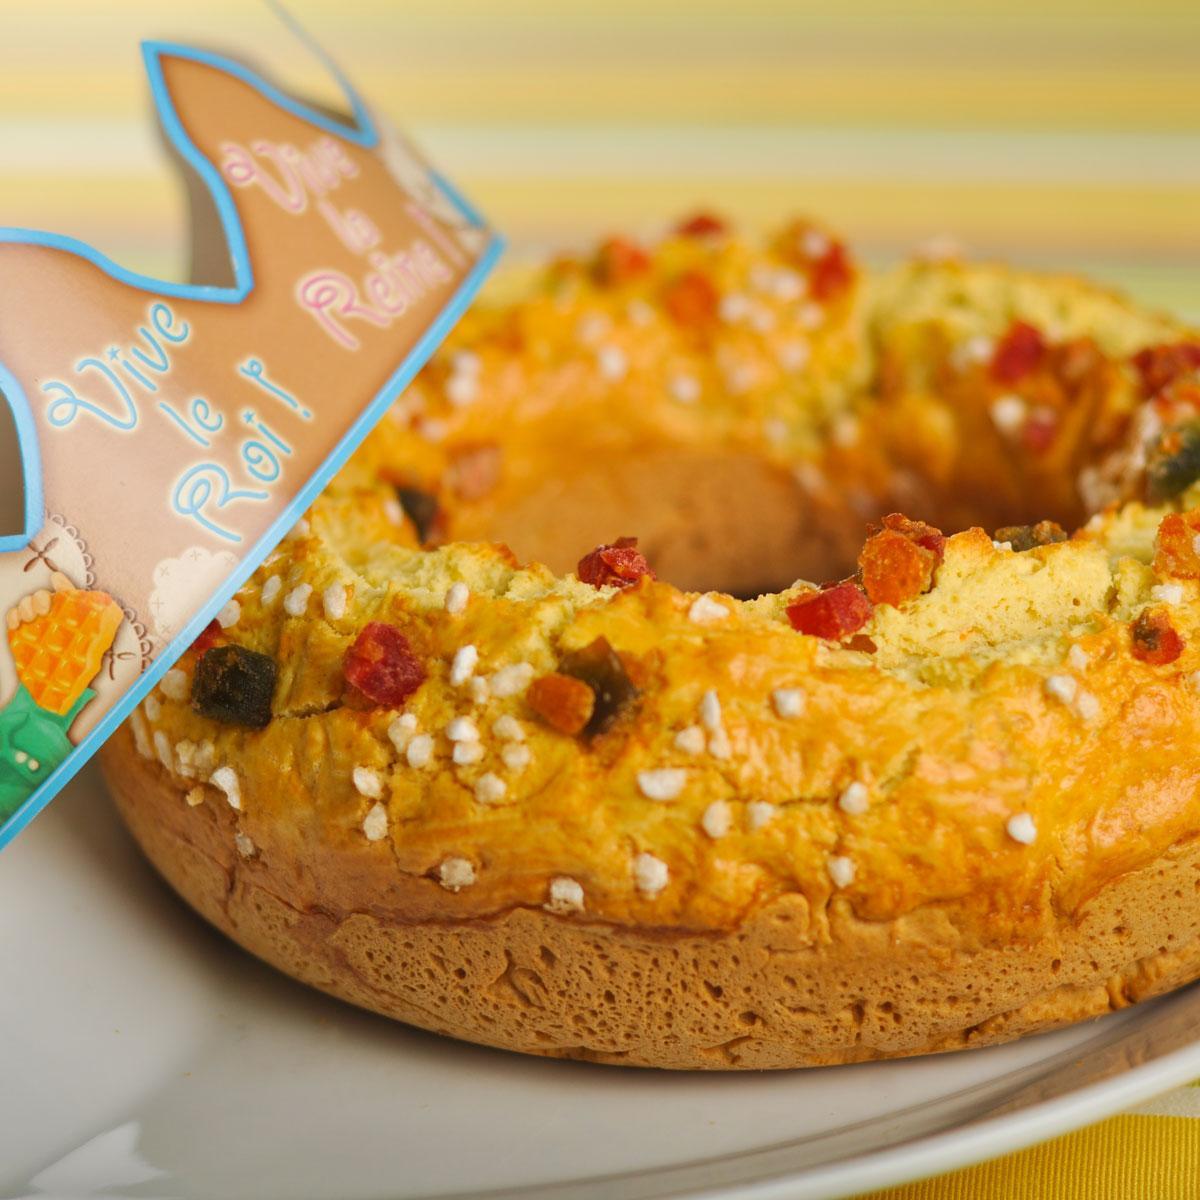 Recette galette des rois proven ale cuisine madame figaro - Galette des rois herve cuisine ...